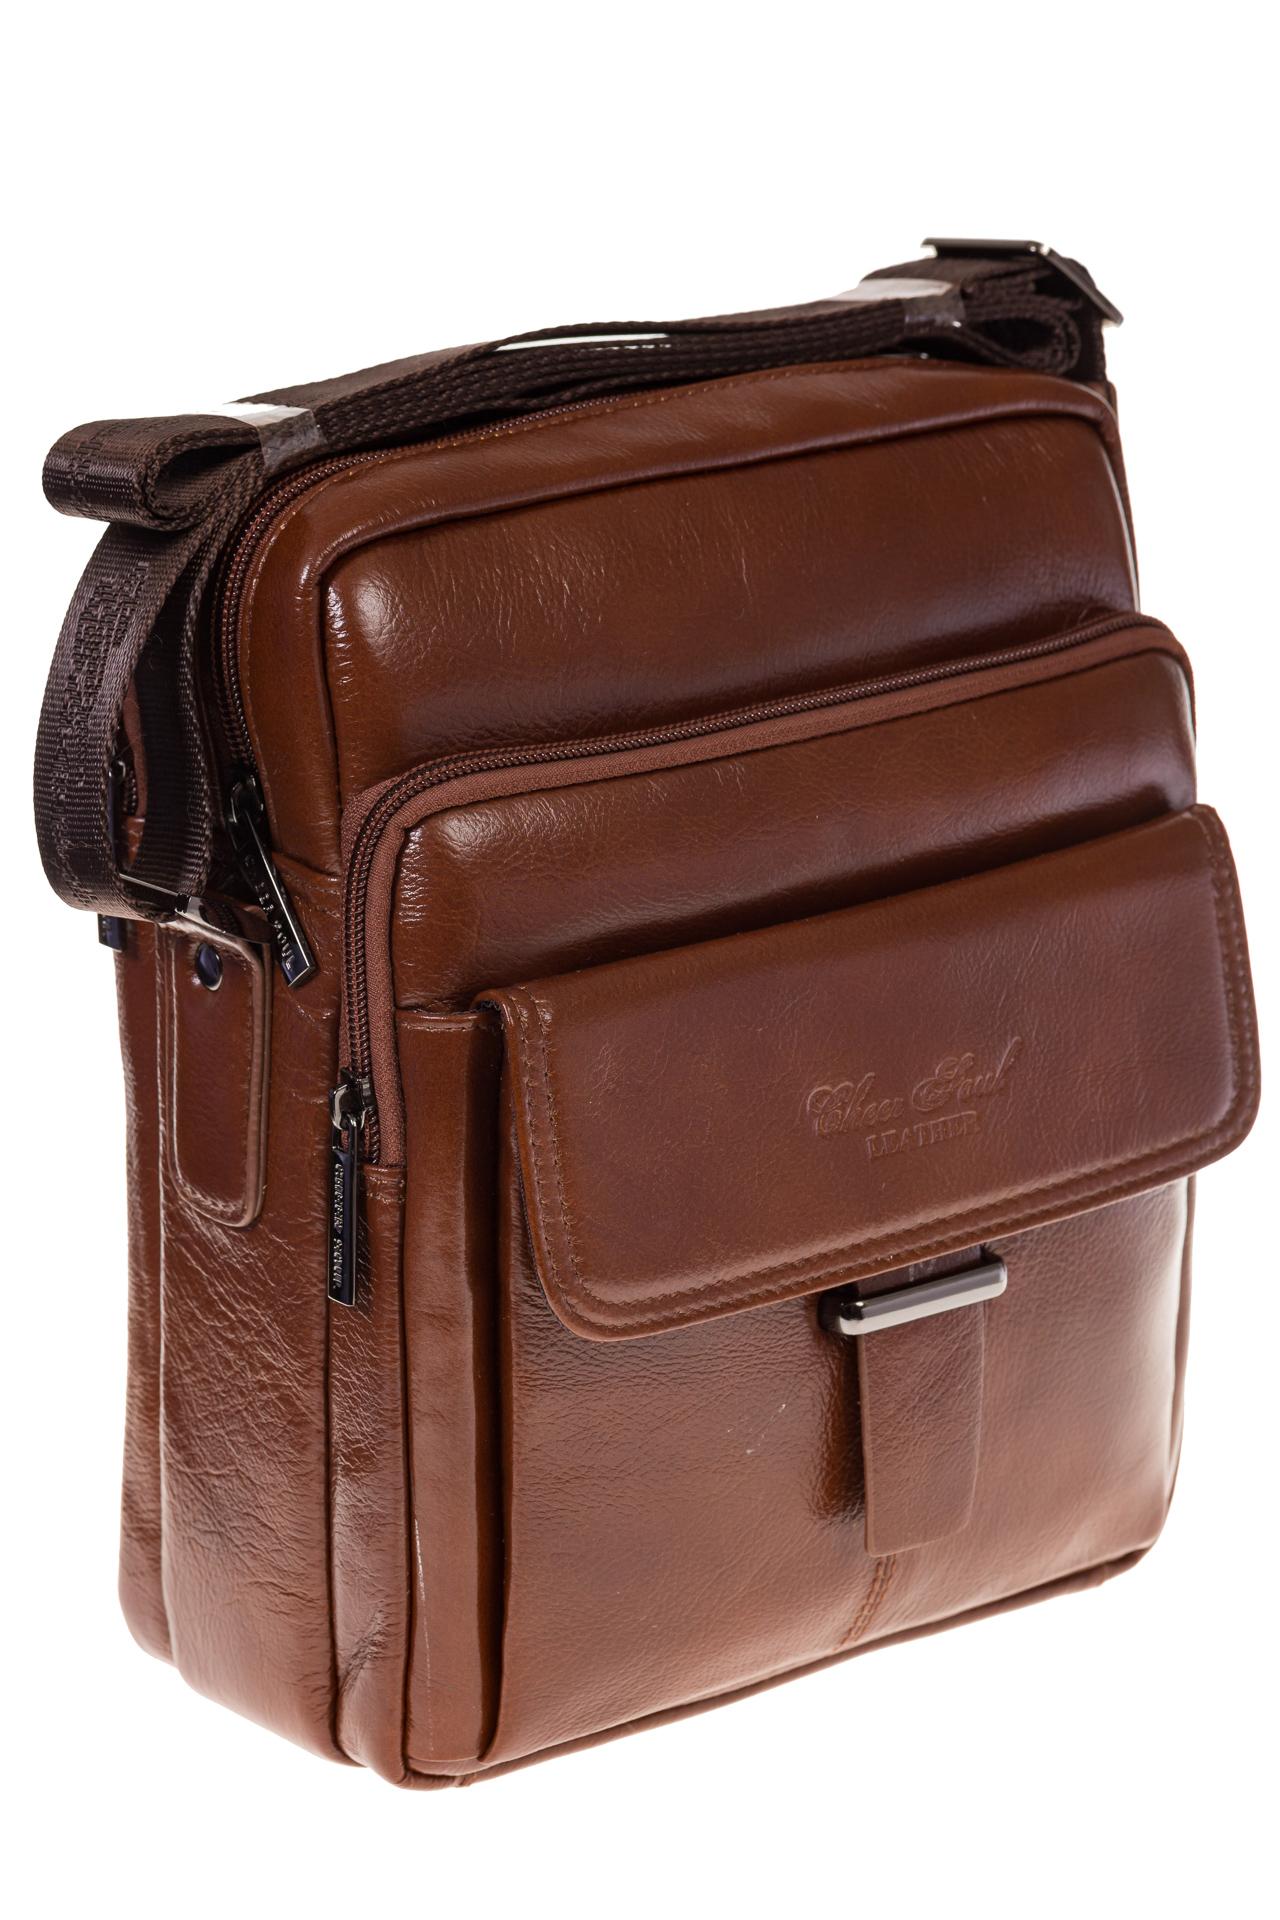 На фото сумка-визитница для мужчин коричневого цвета из натуральной кожи, купить оптом в магазине Грета